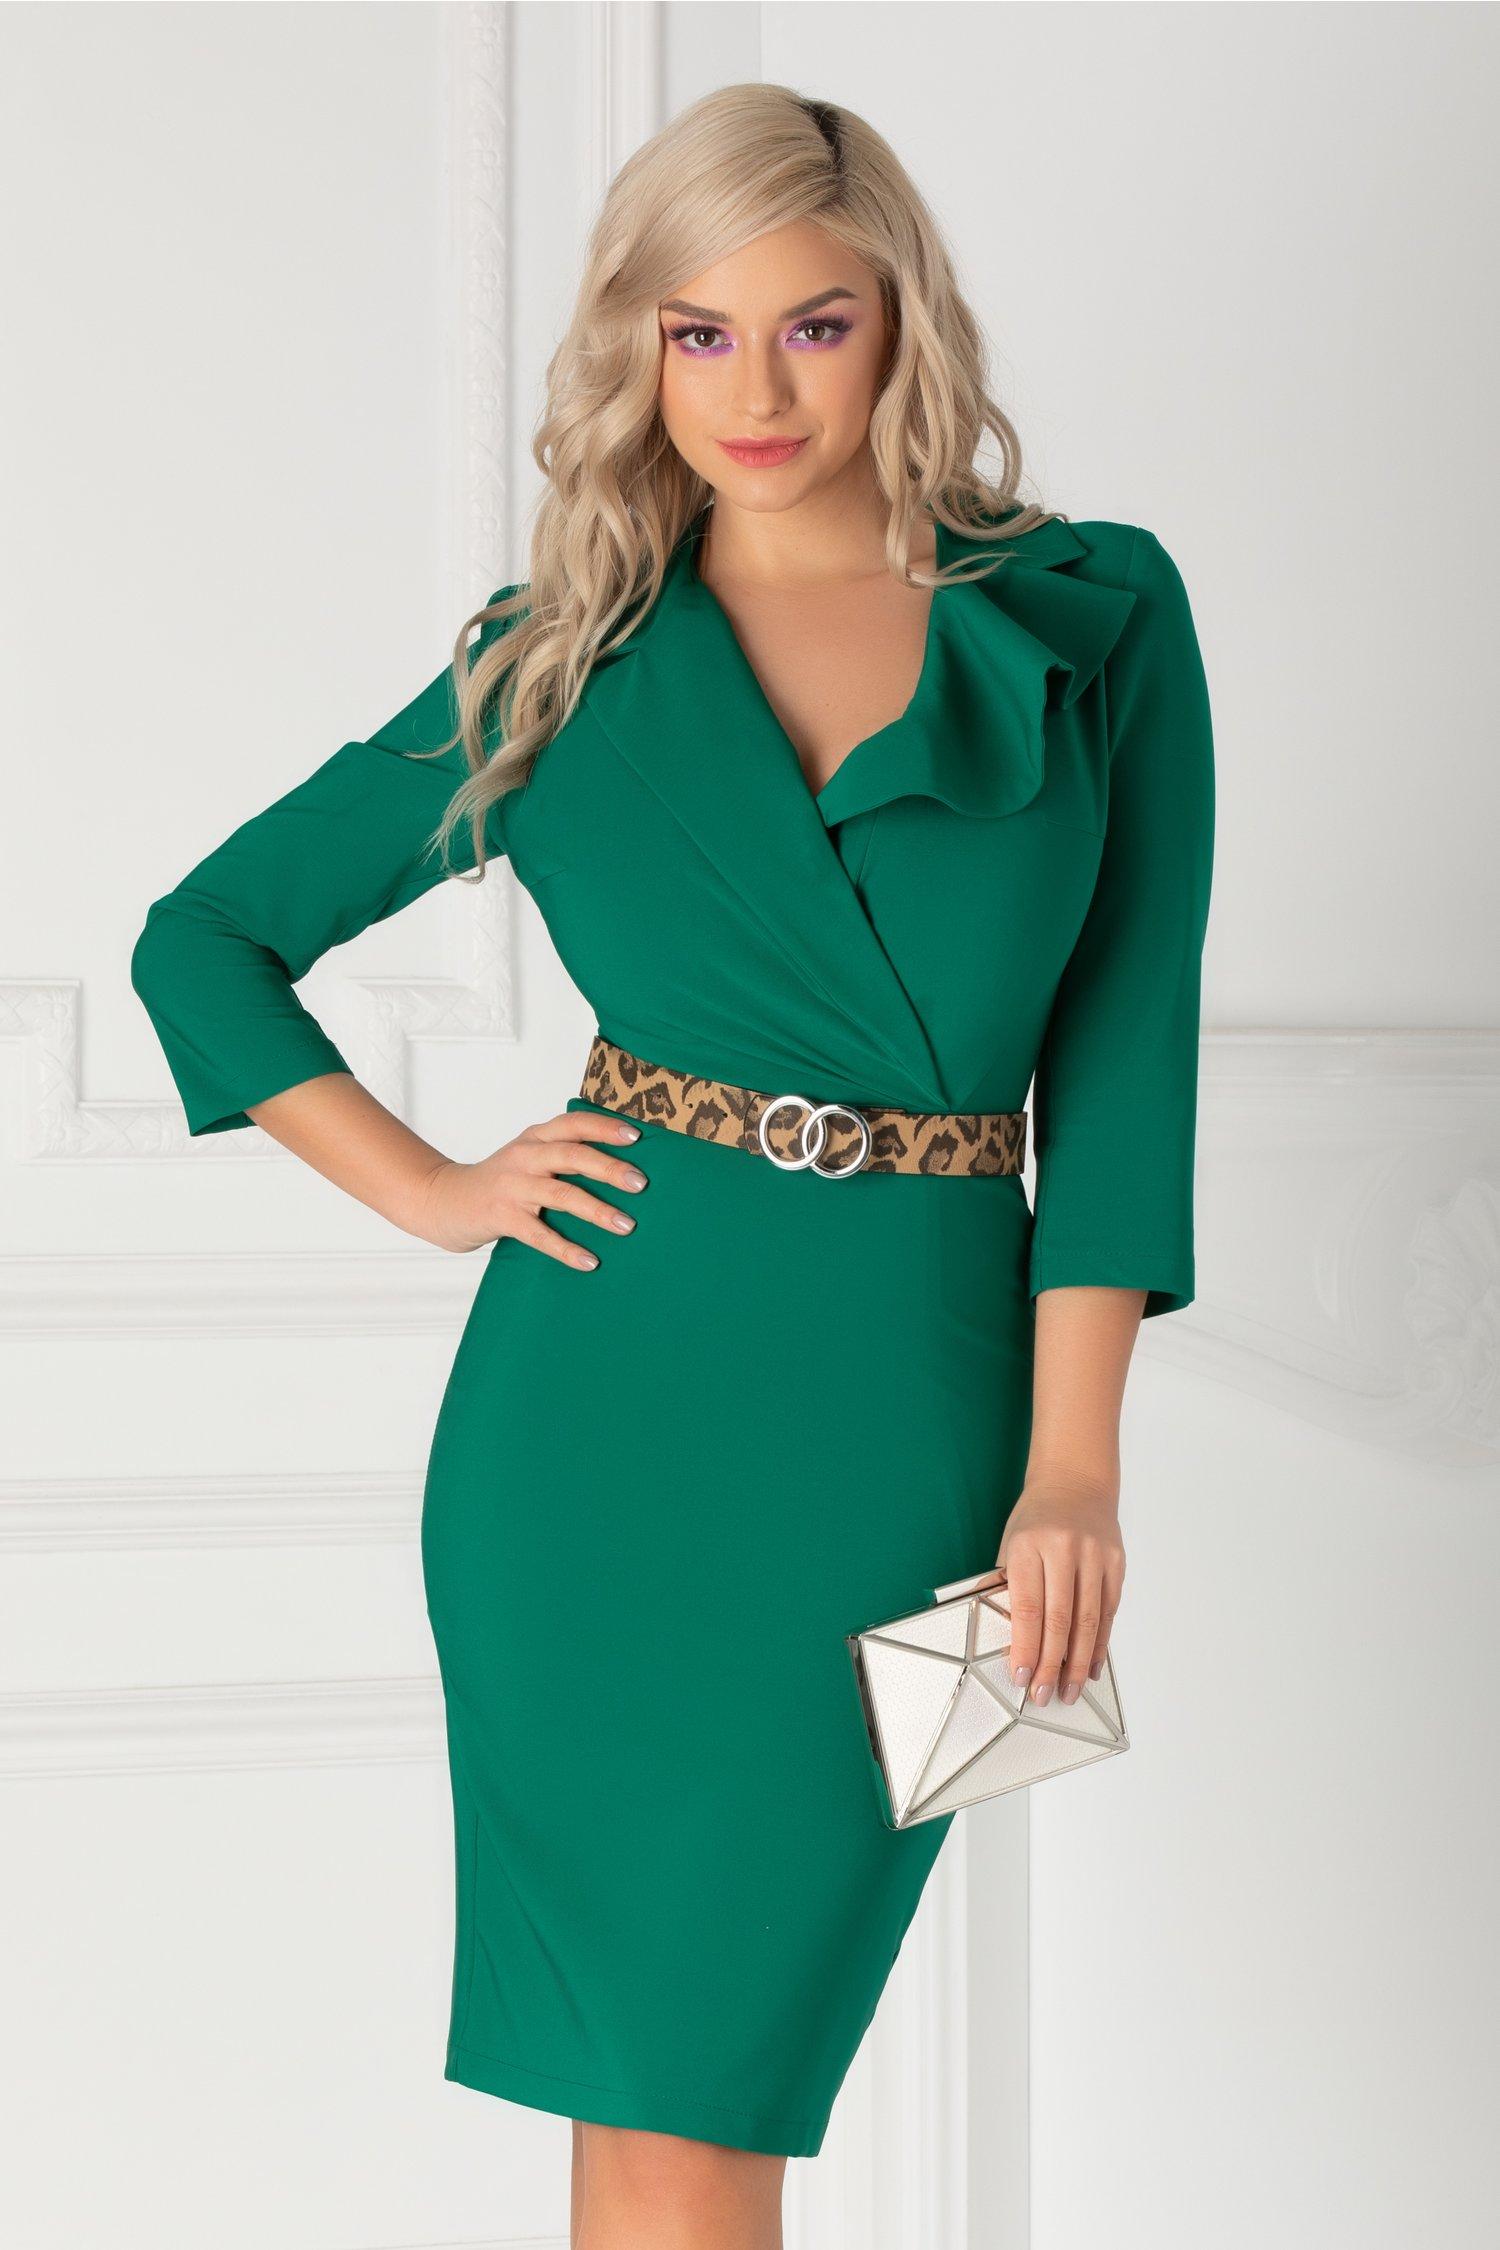 Rochie Ladonna verde cu decolteu petrecut si curea animal print